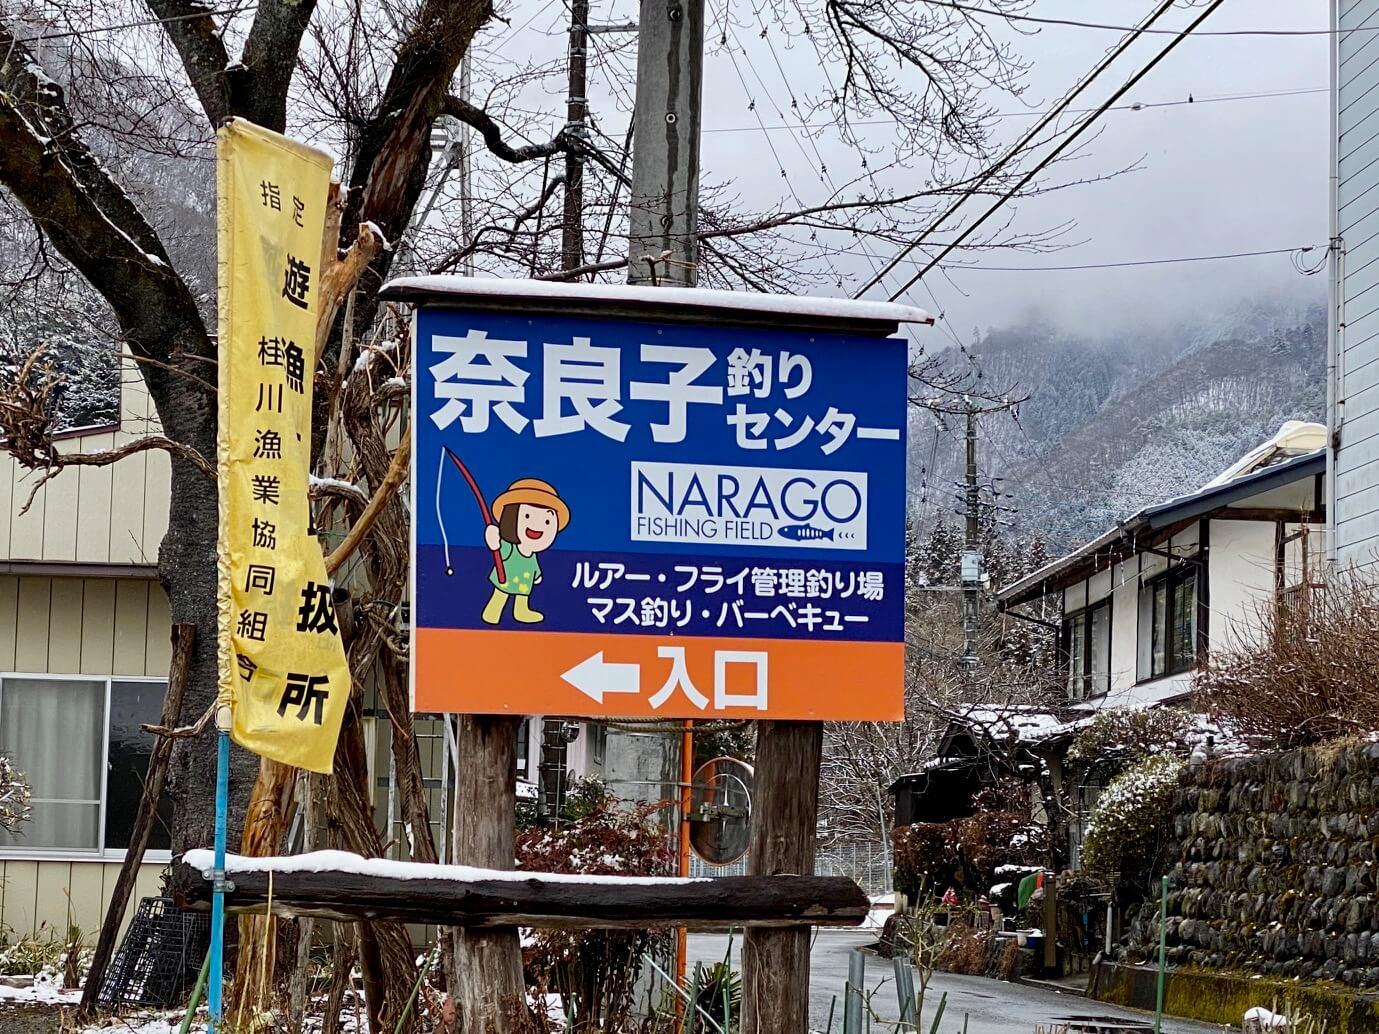 奈良子釣りセンター看板